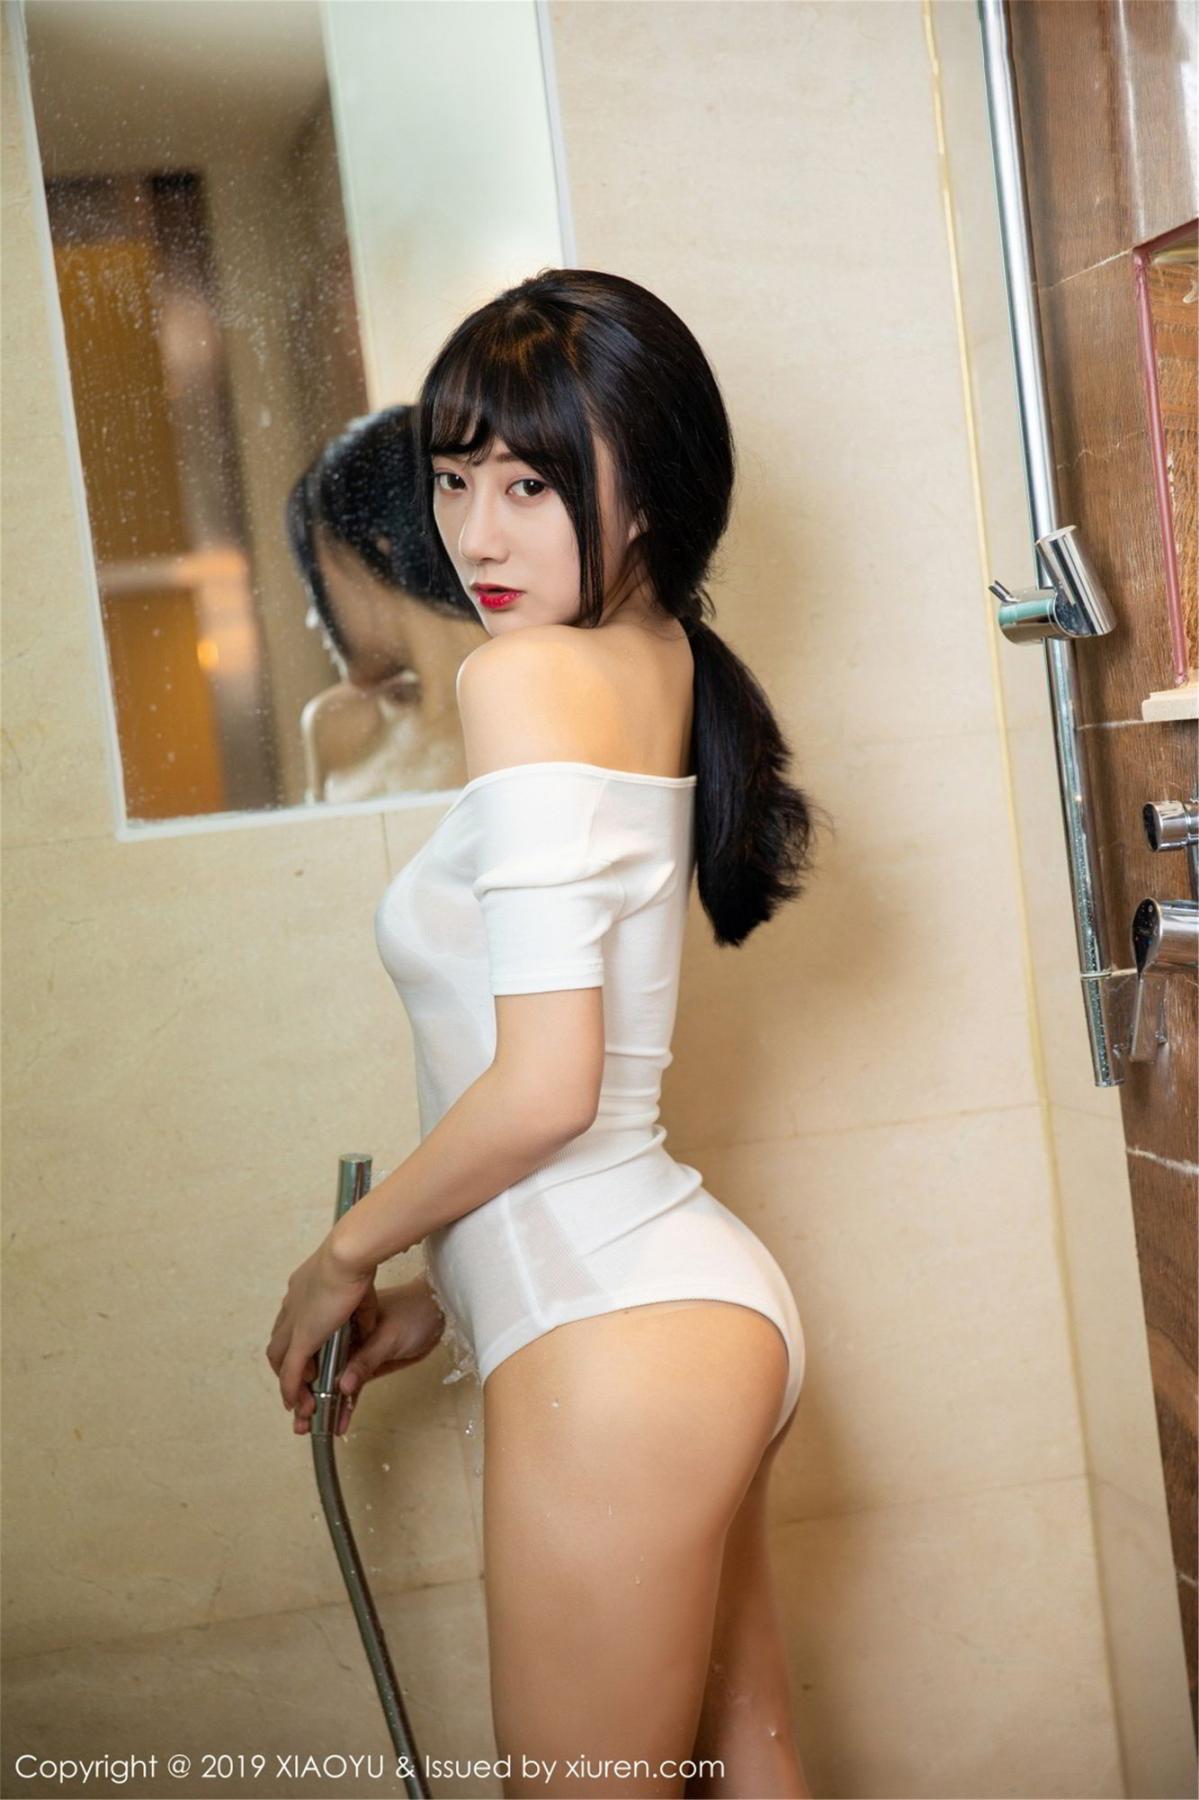 [XiaoYu] Vol.116 He Jia Ying 33P, Bathroom, He Jia Ying, Wet, XiaoYu